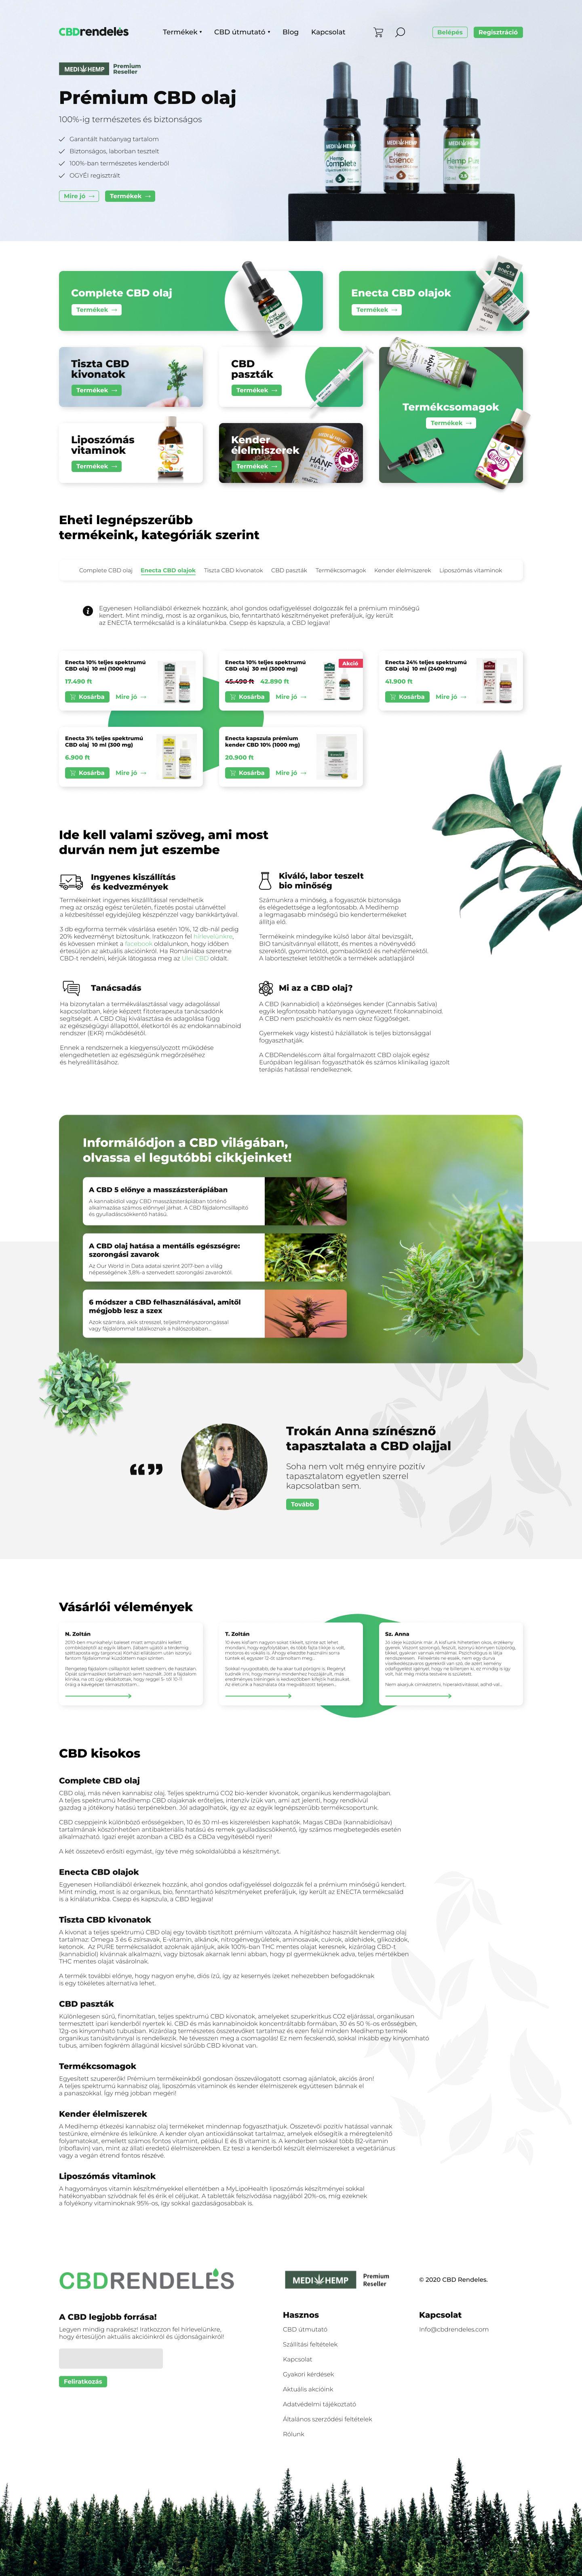 CBDrenedeles.com UI dizájn és logó